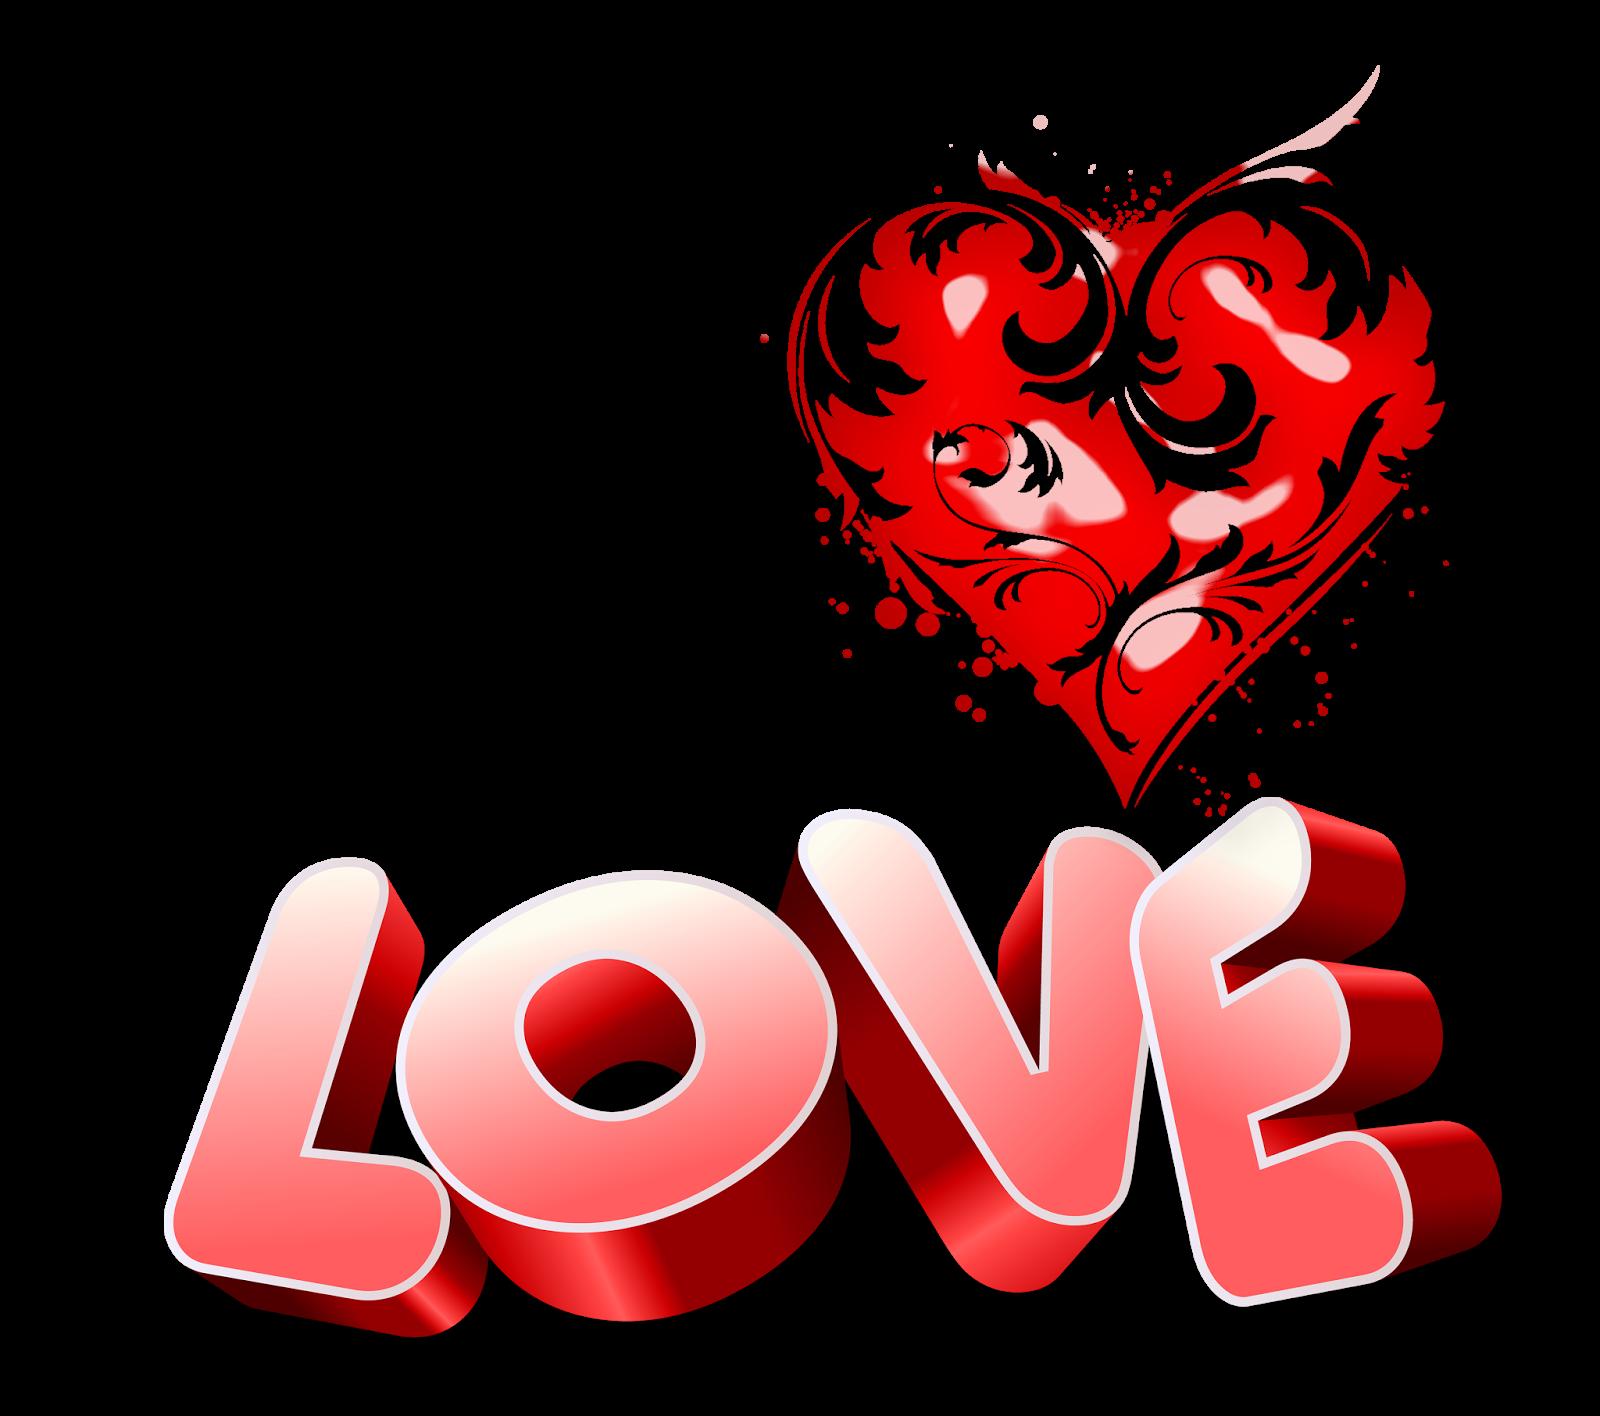 Любовь день Валентина 14 февраля  фоны открытки и